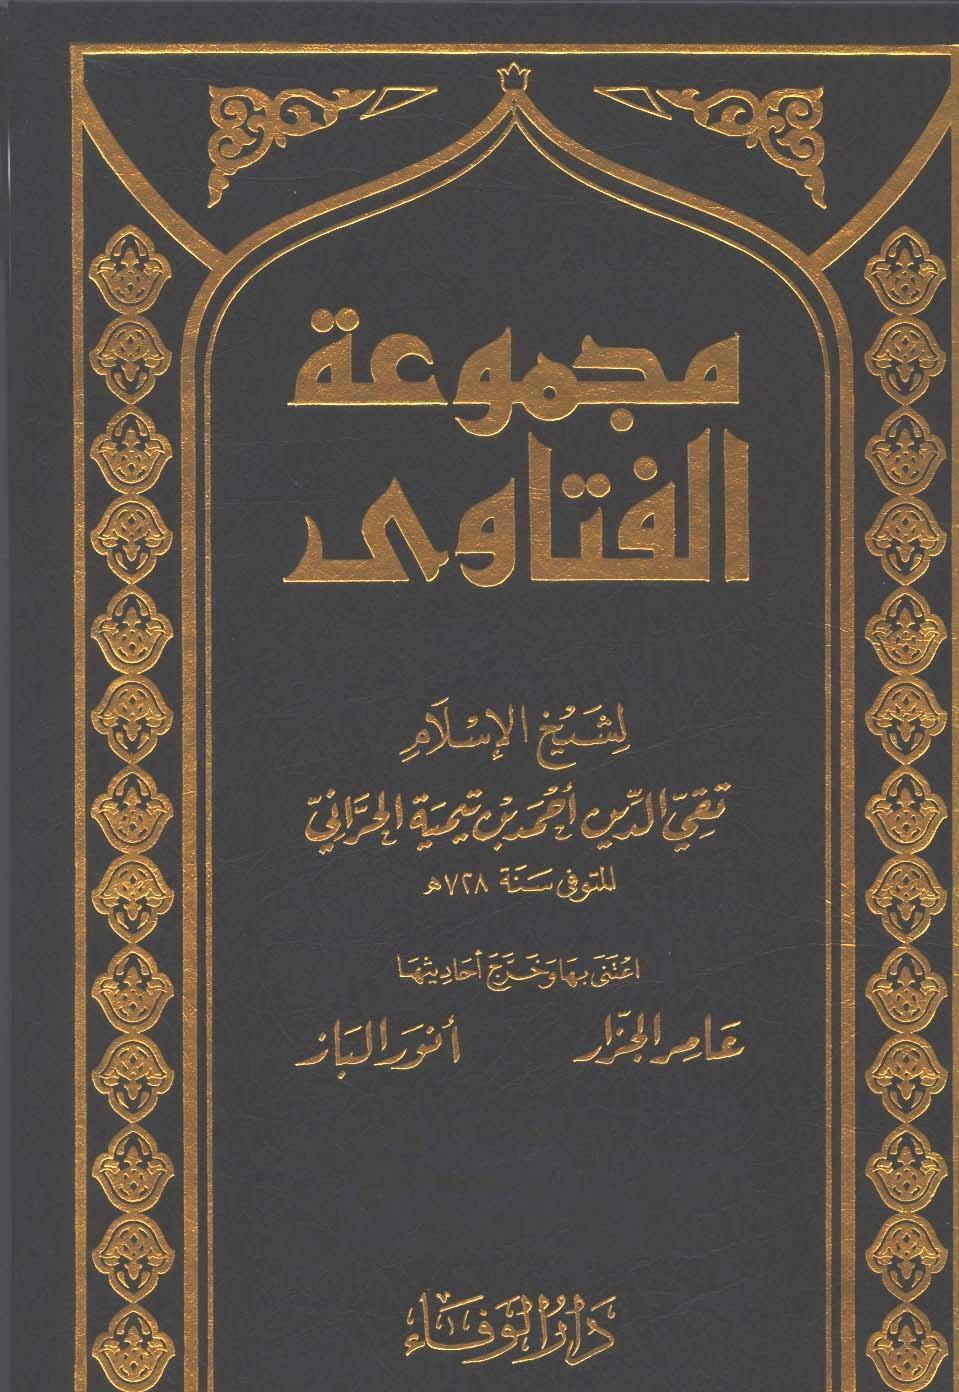 مجموعة فتاوى ابن تيمية ( ط . دار الوفاء ) 37 مجلد على رابط واحد